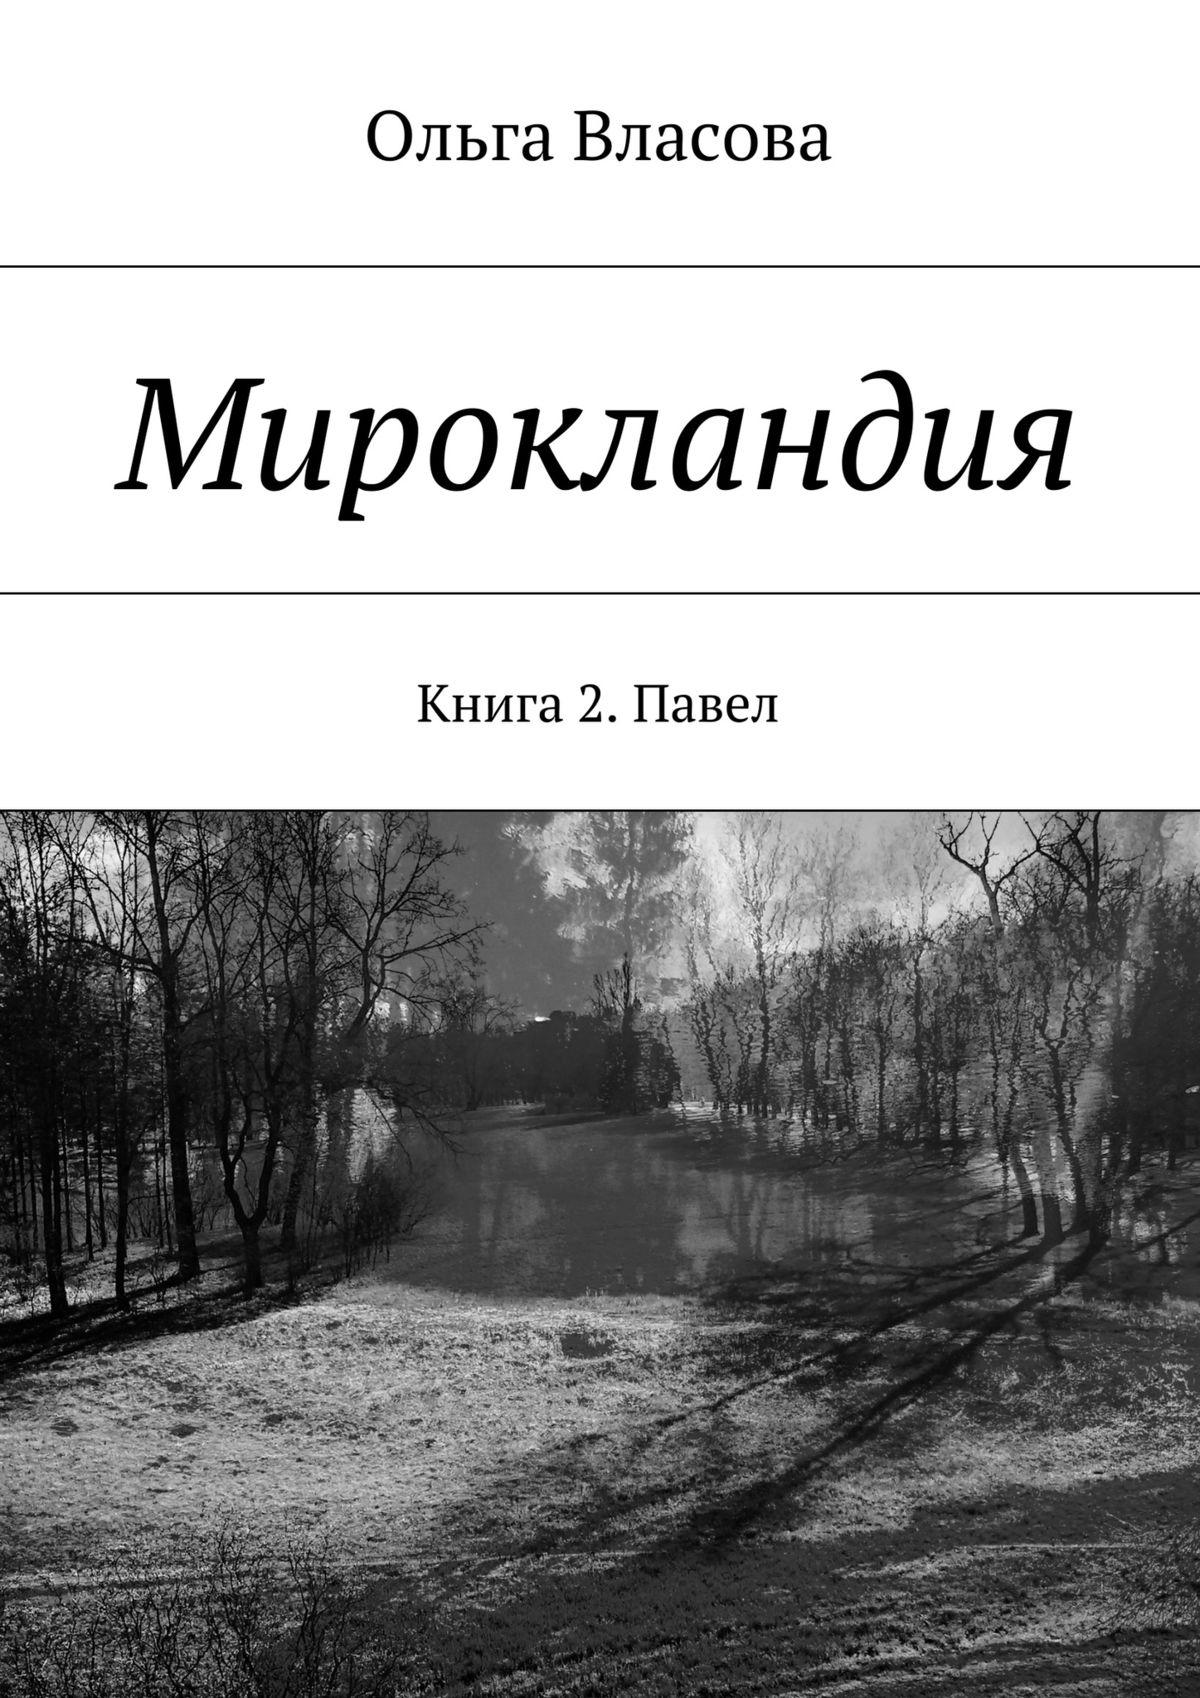 Мирокландия. Книга 2. Павел